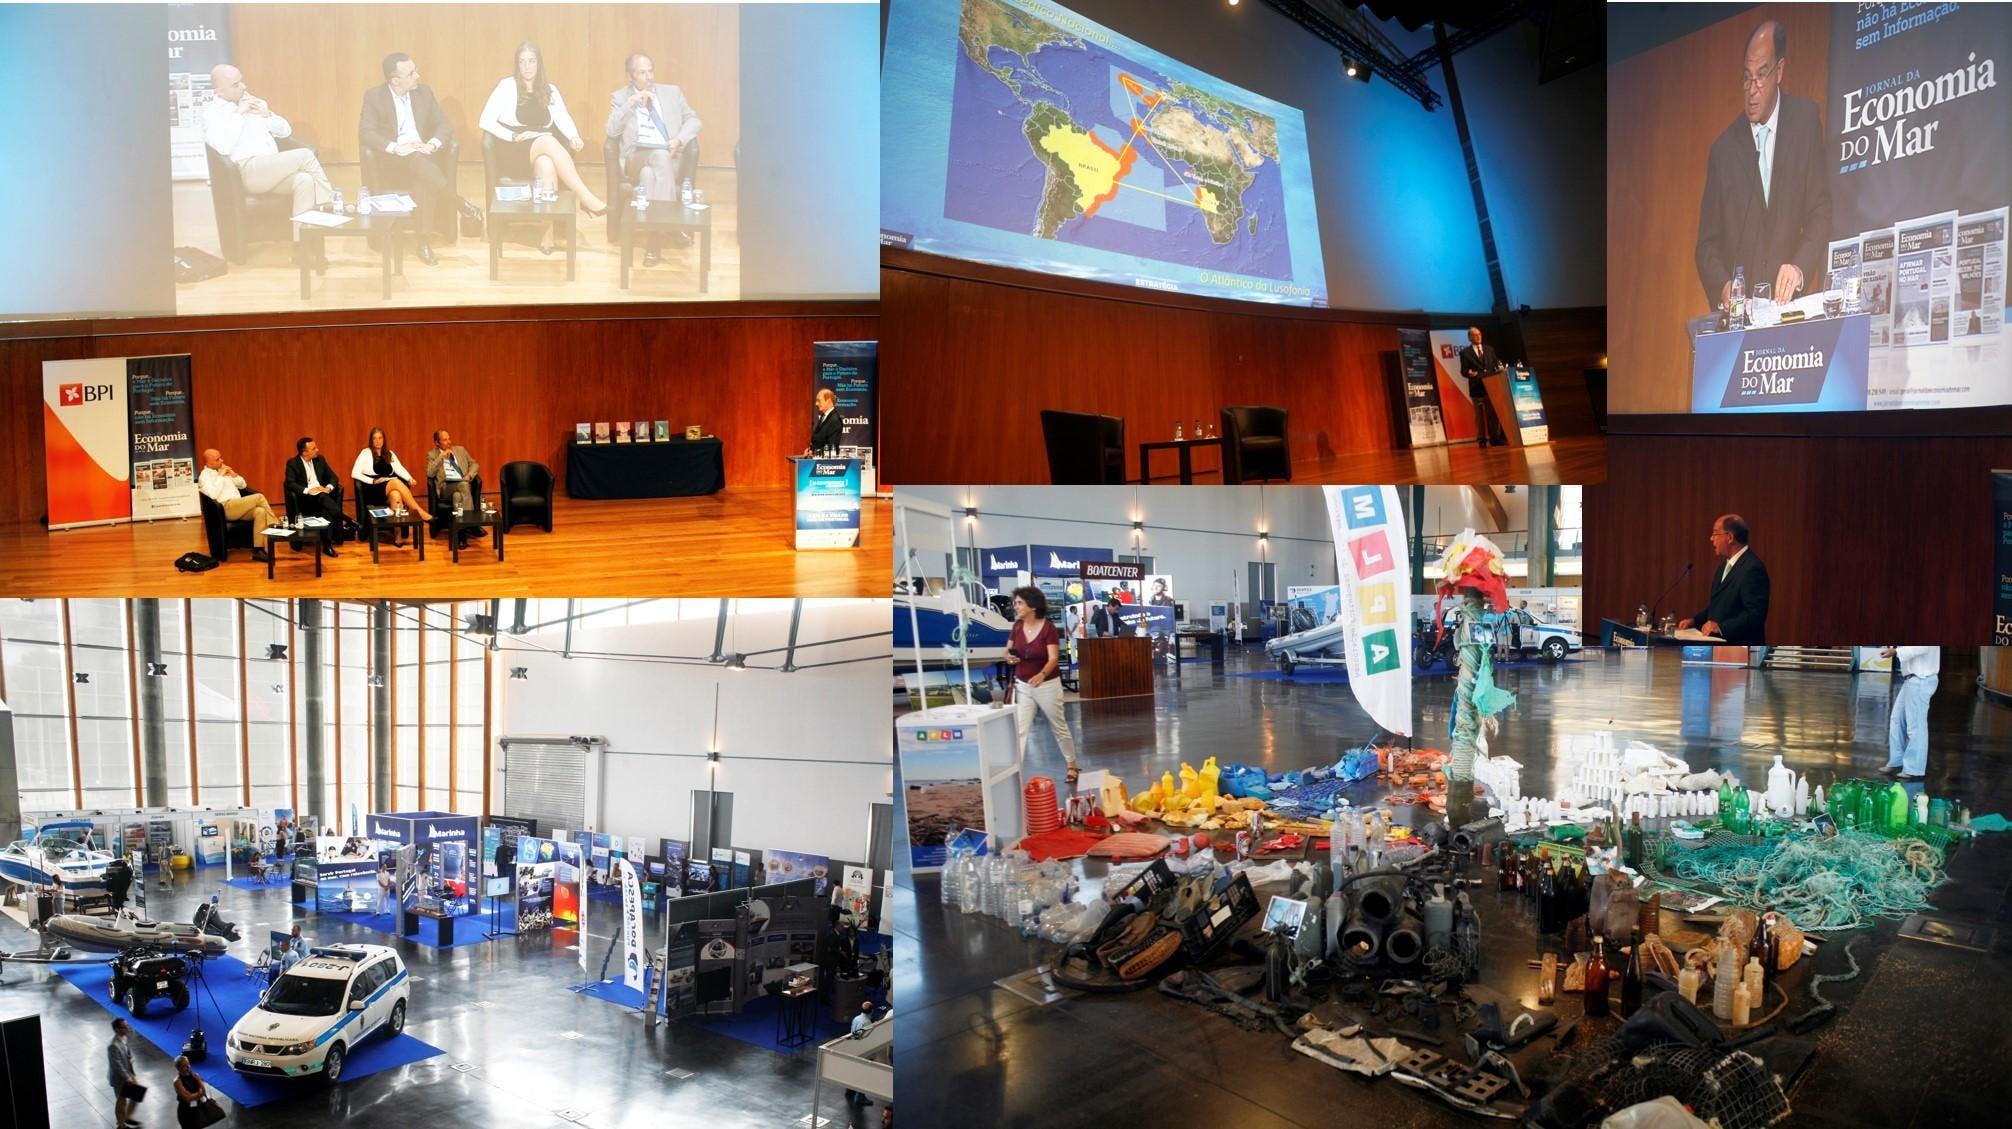 IV Grande Conferência do Jornal da Economia d